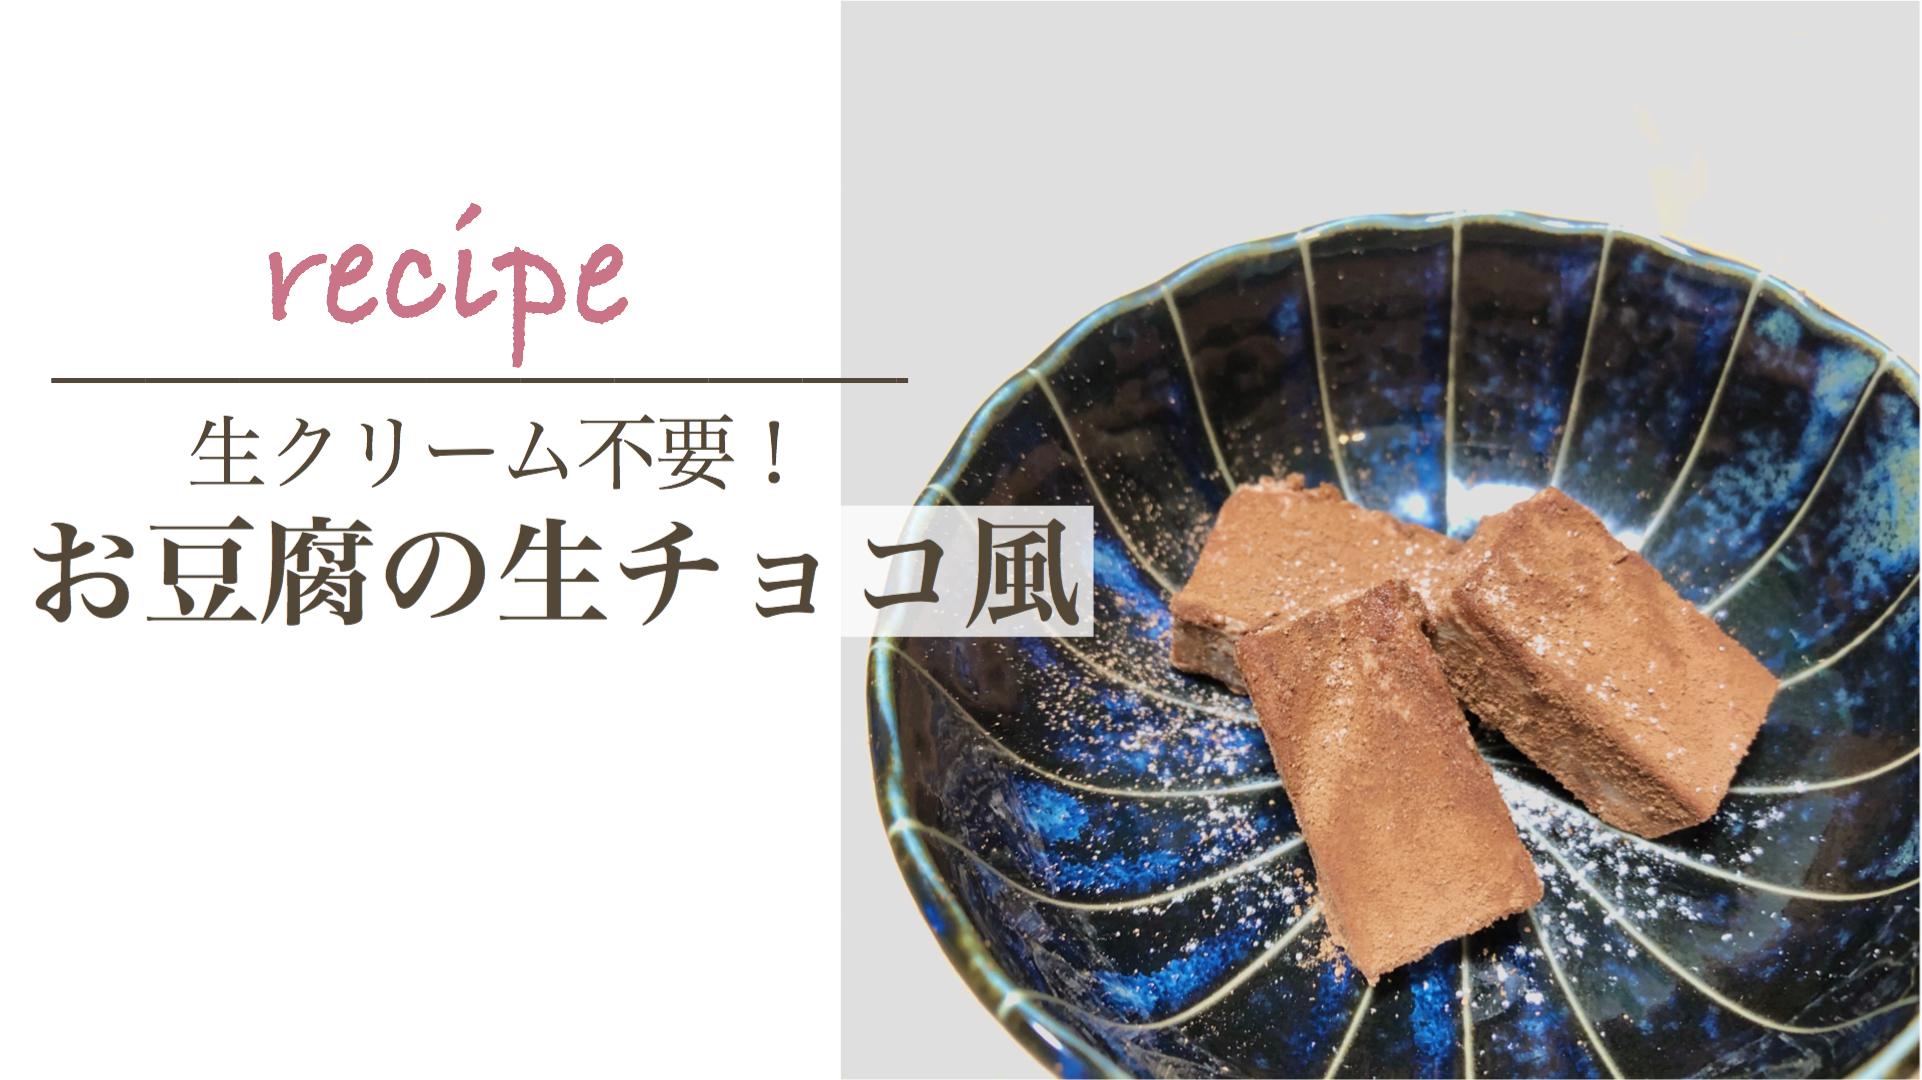 レシピ豆腐生チョコ